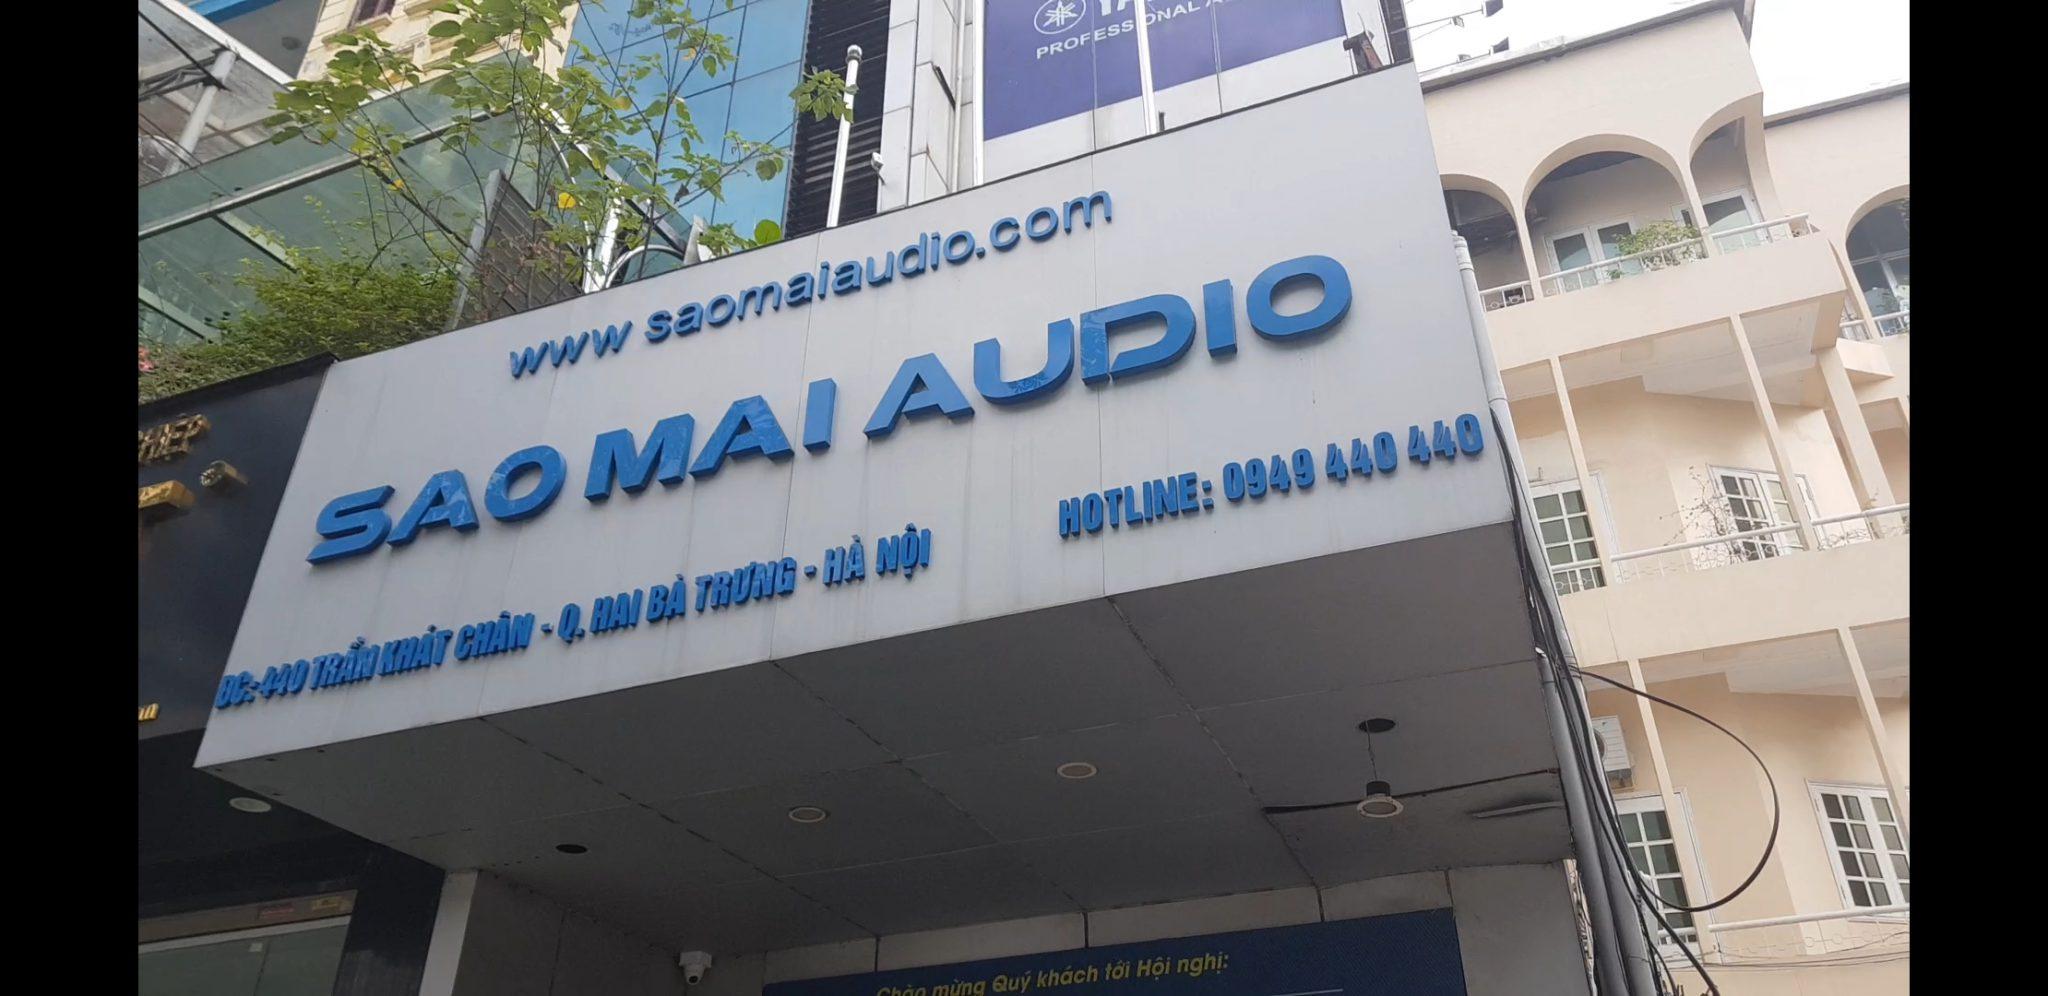 saomai audio